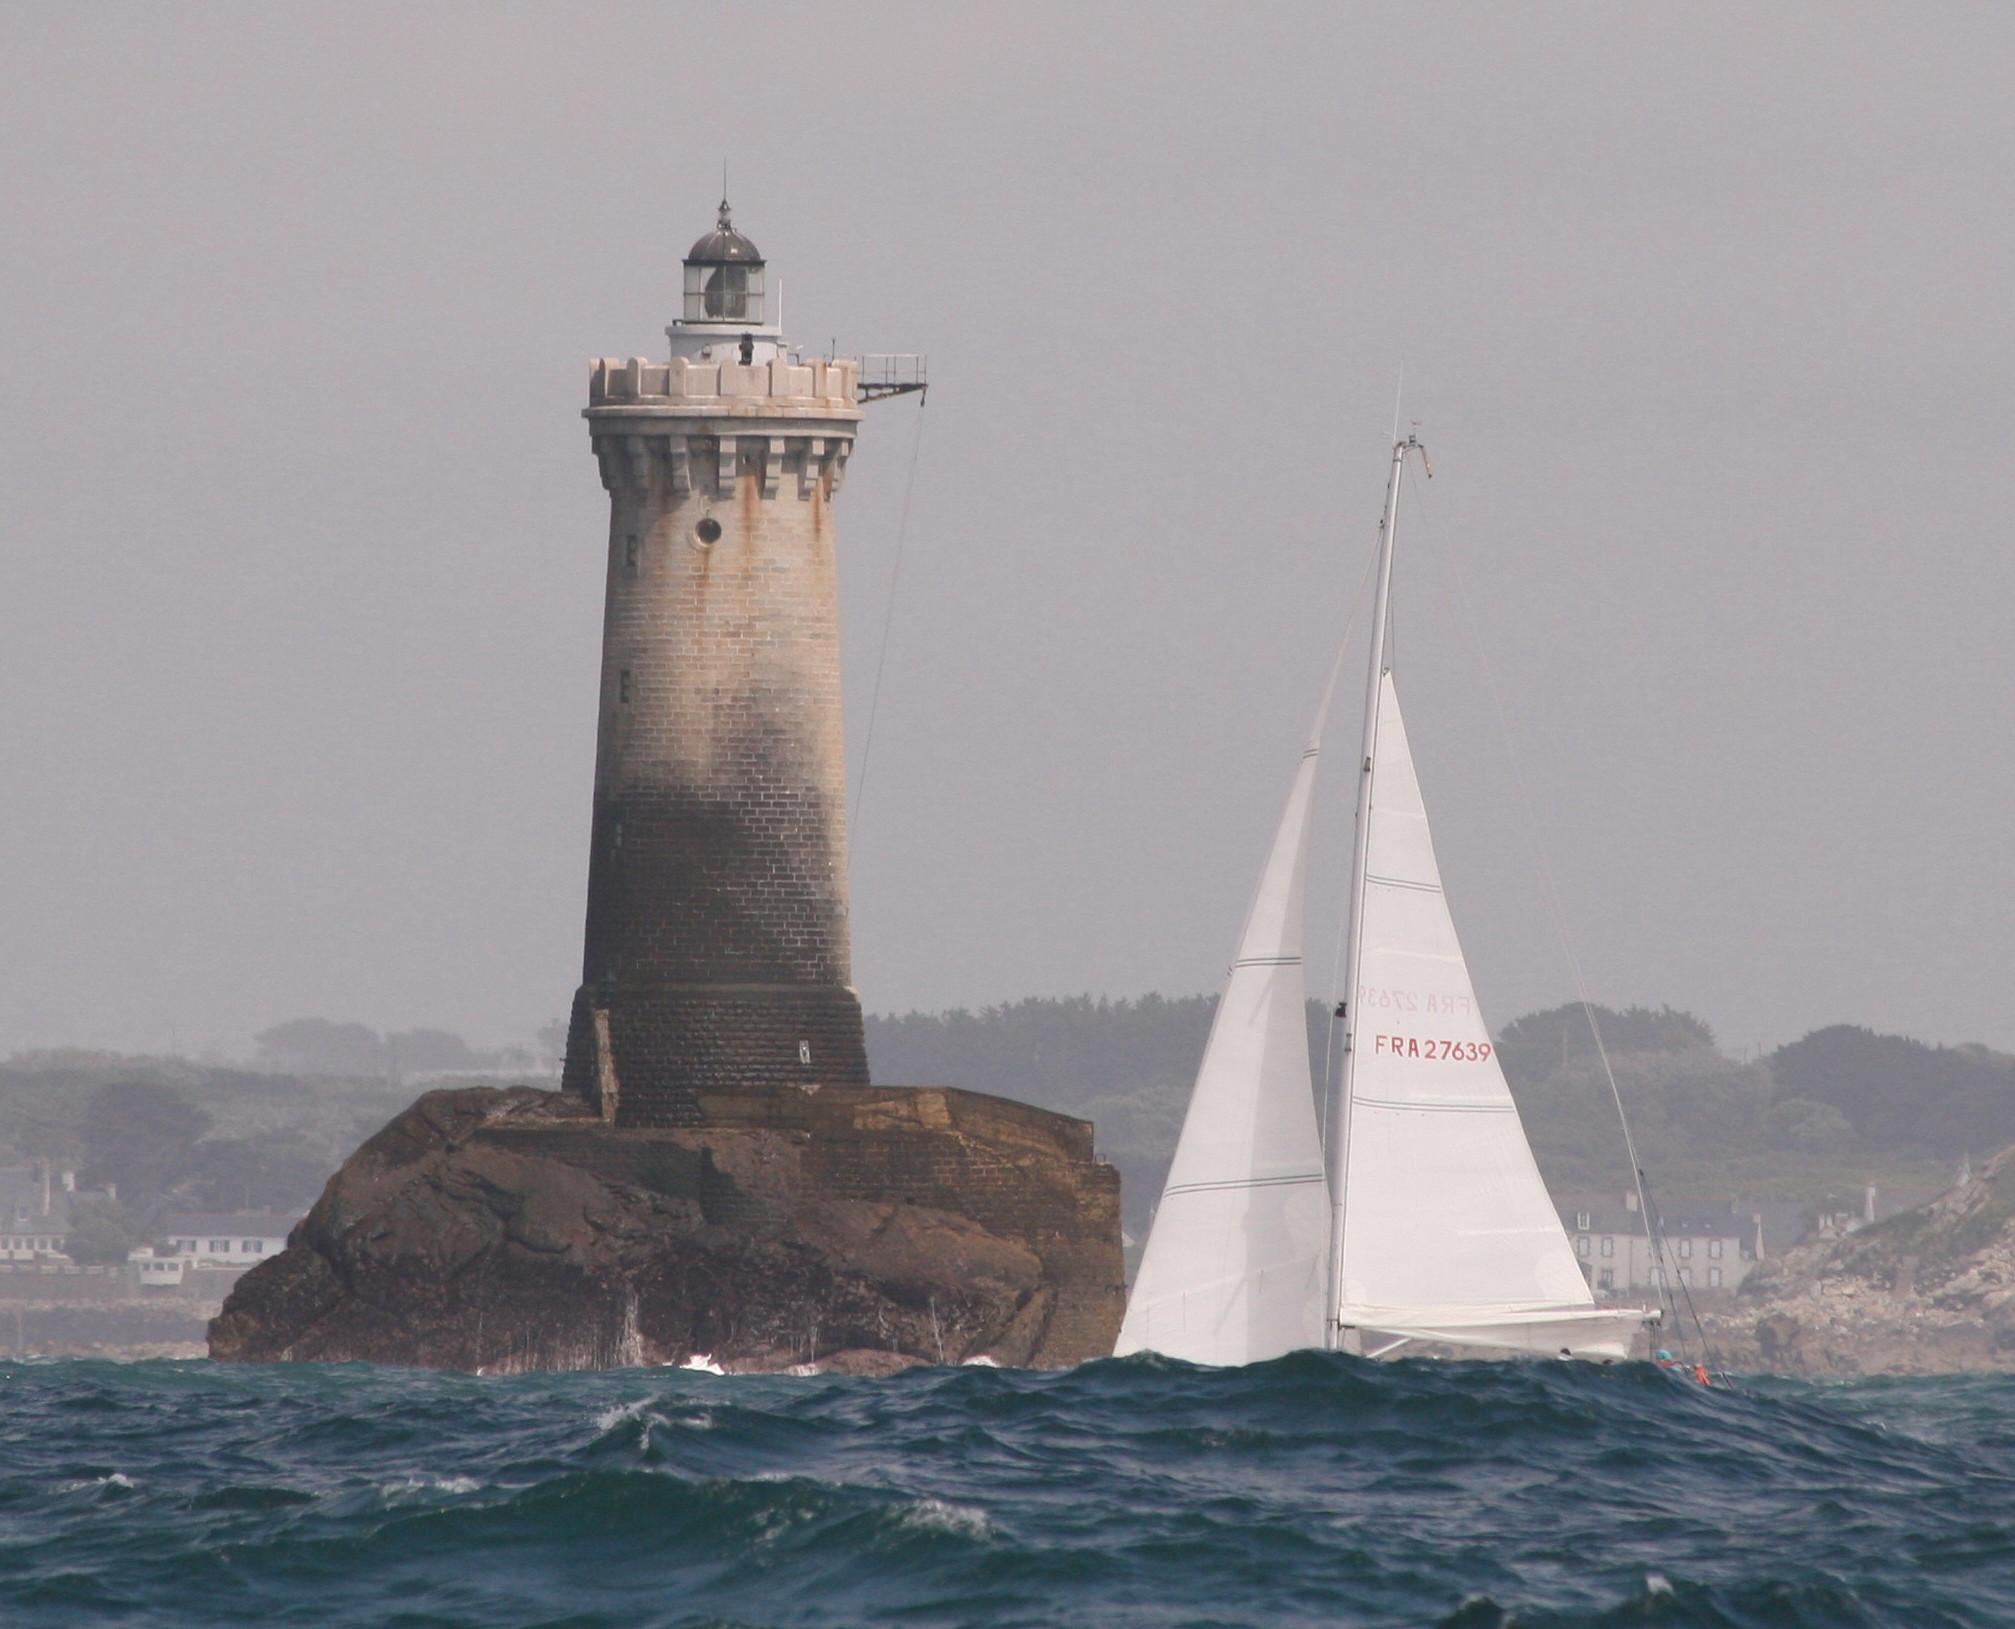 Keine Sorge... die Yacht sinkt nicht! Aber die hohe Dünung vor Küste der West-Bretagne ist schon beeindruckend